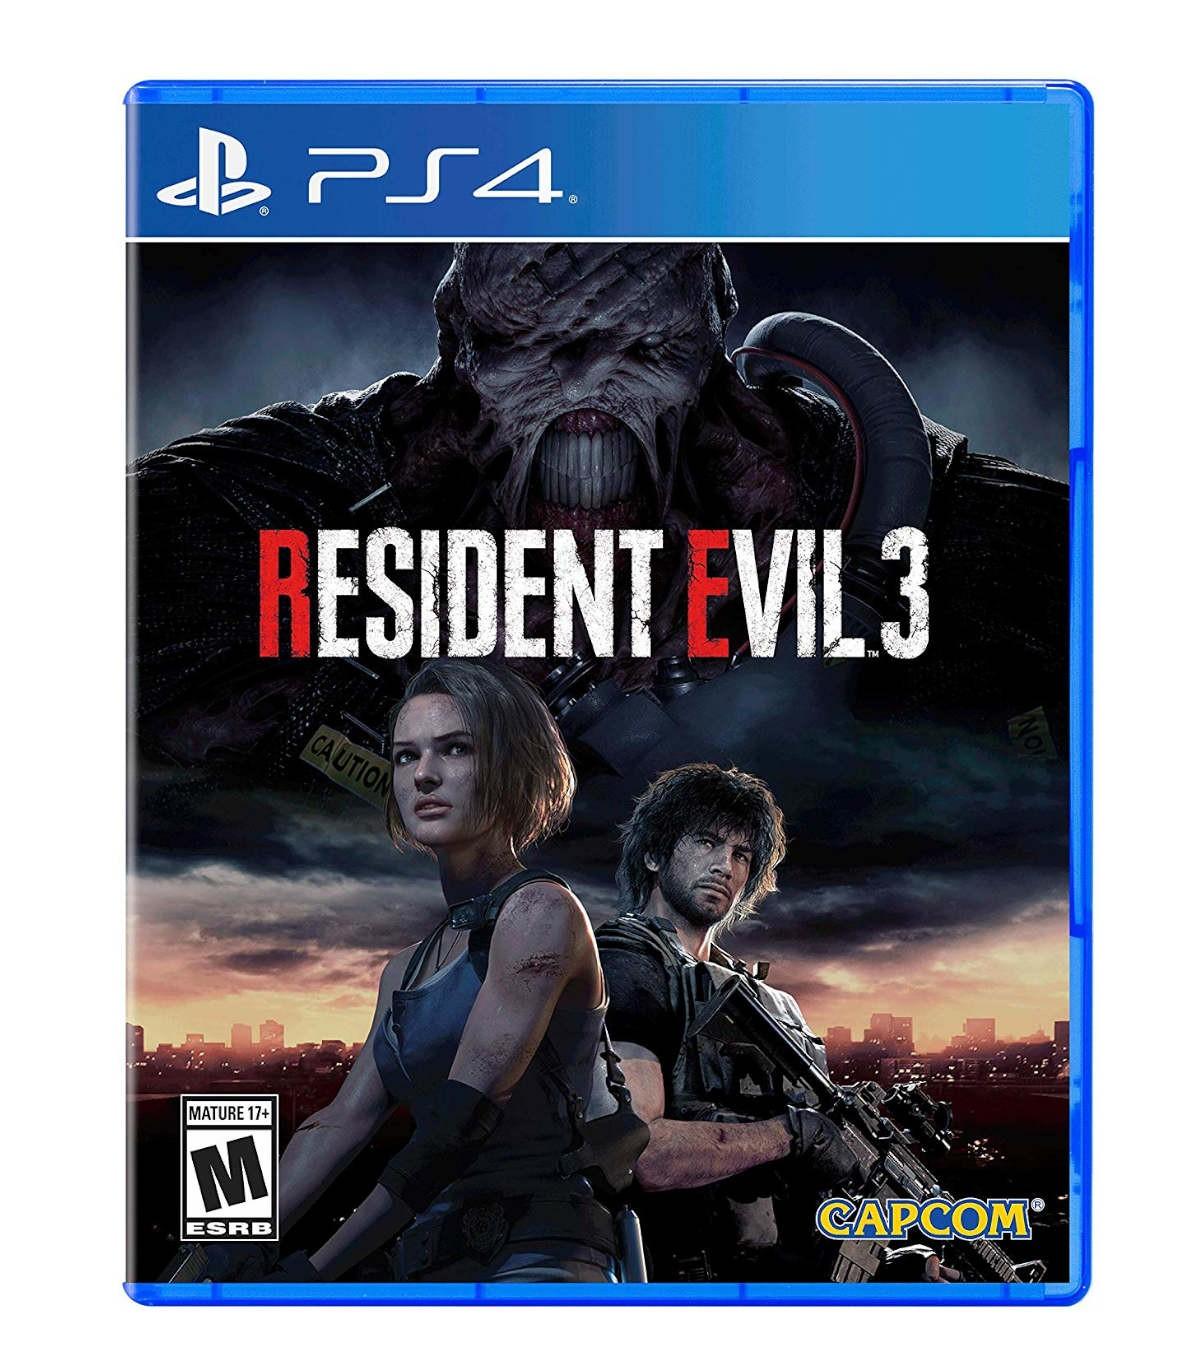 بازی Resident Evil 3: Nemesis کارکرده - پلی استیشن 4